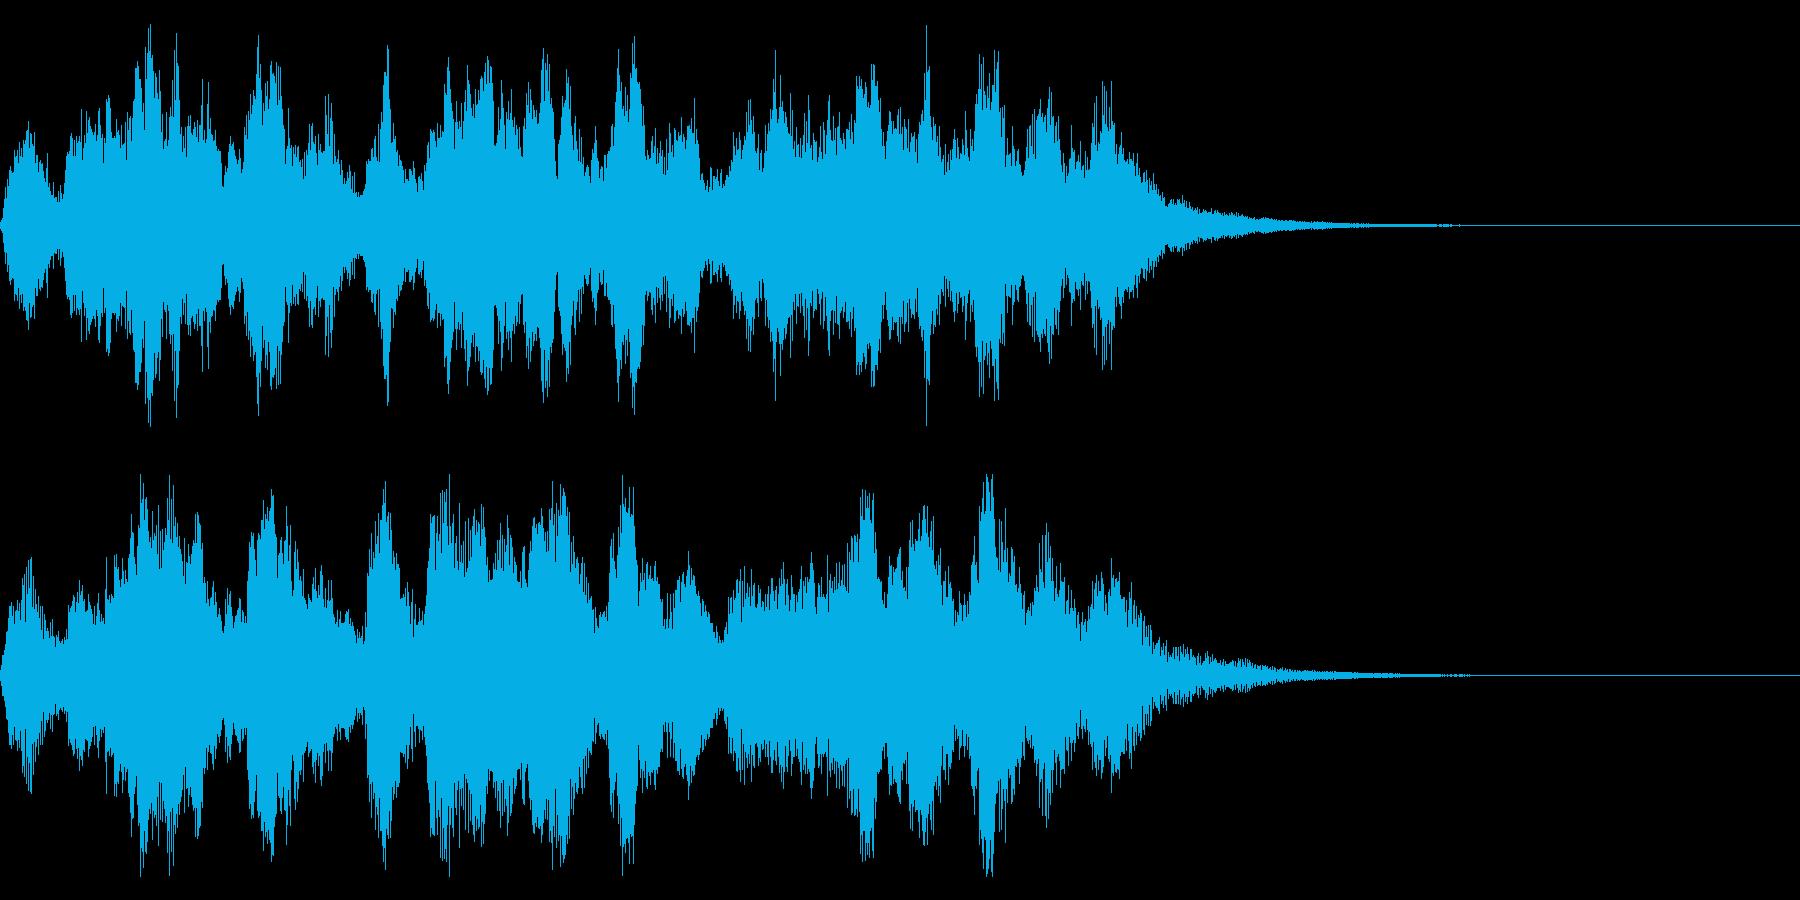 管弦楽によるほのぼのとしたジングルの再生済みの波形